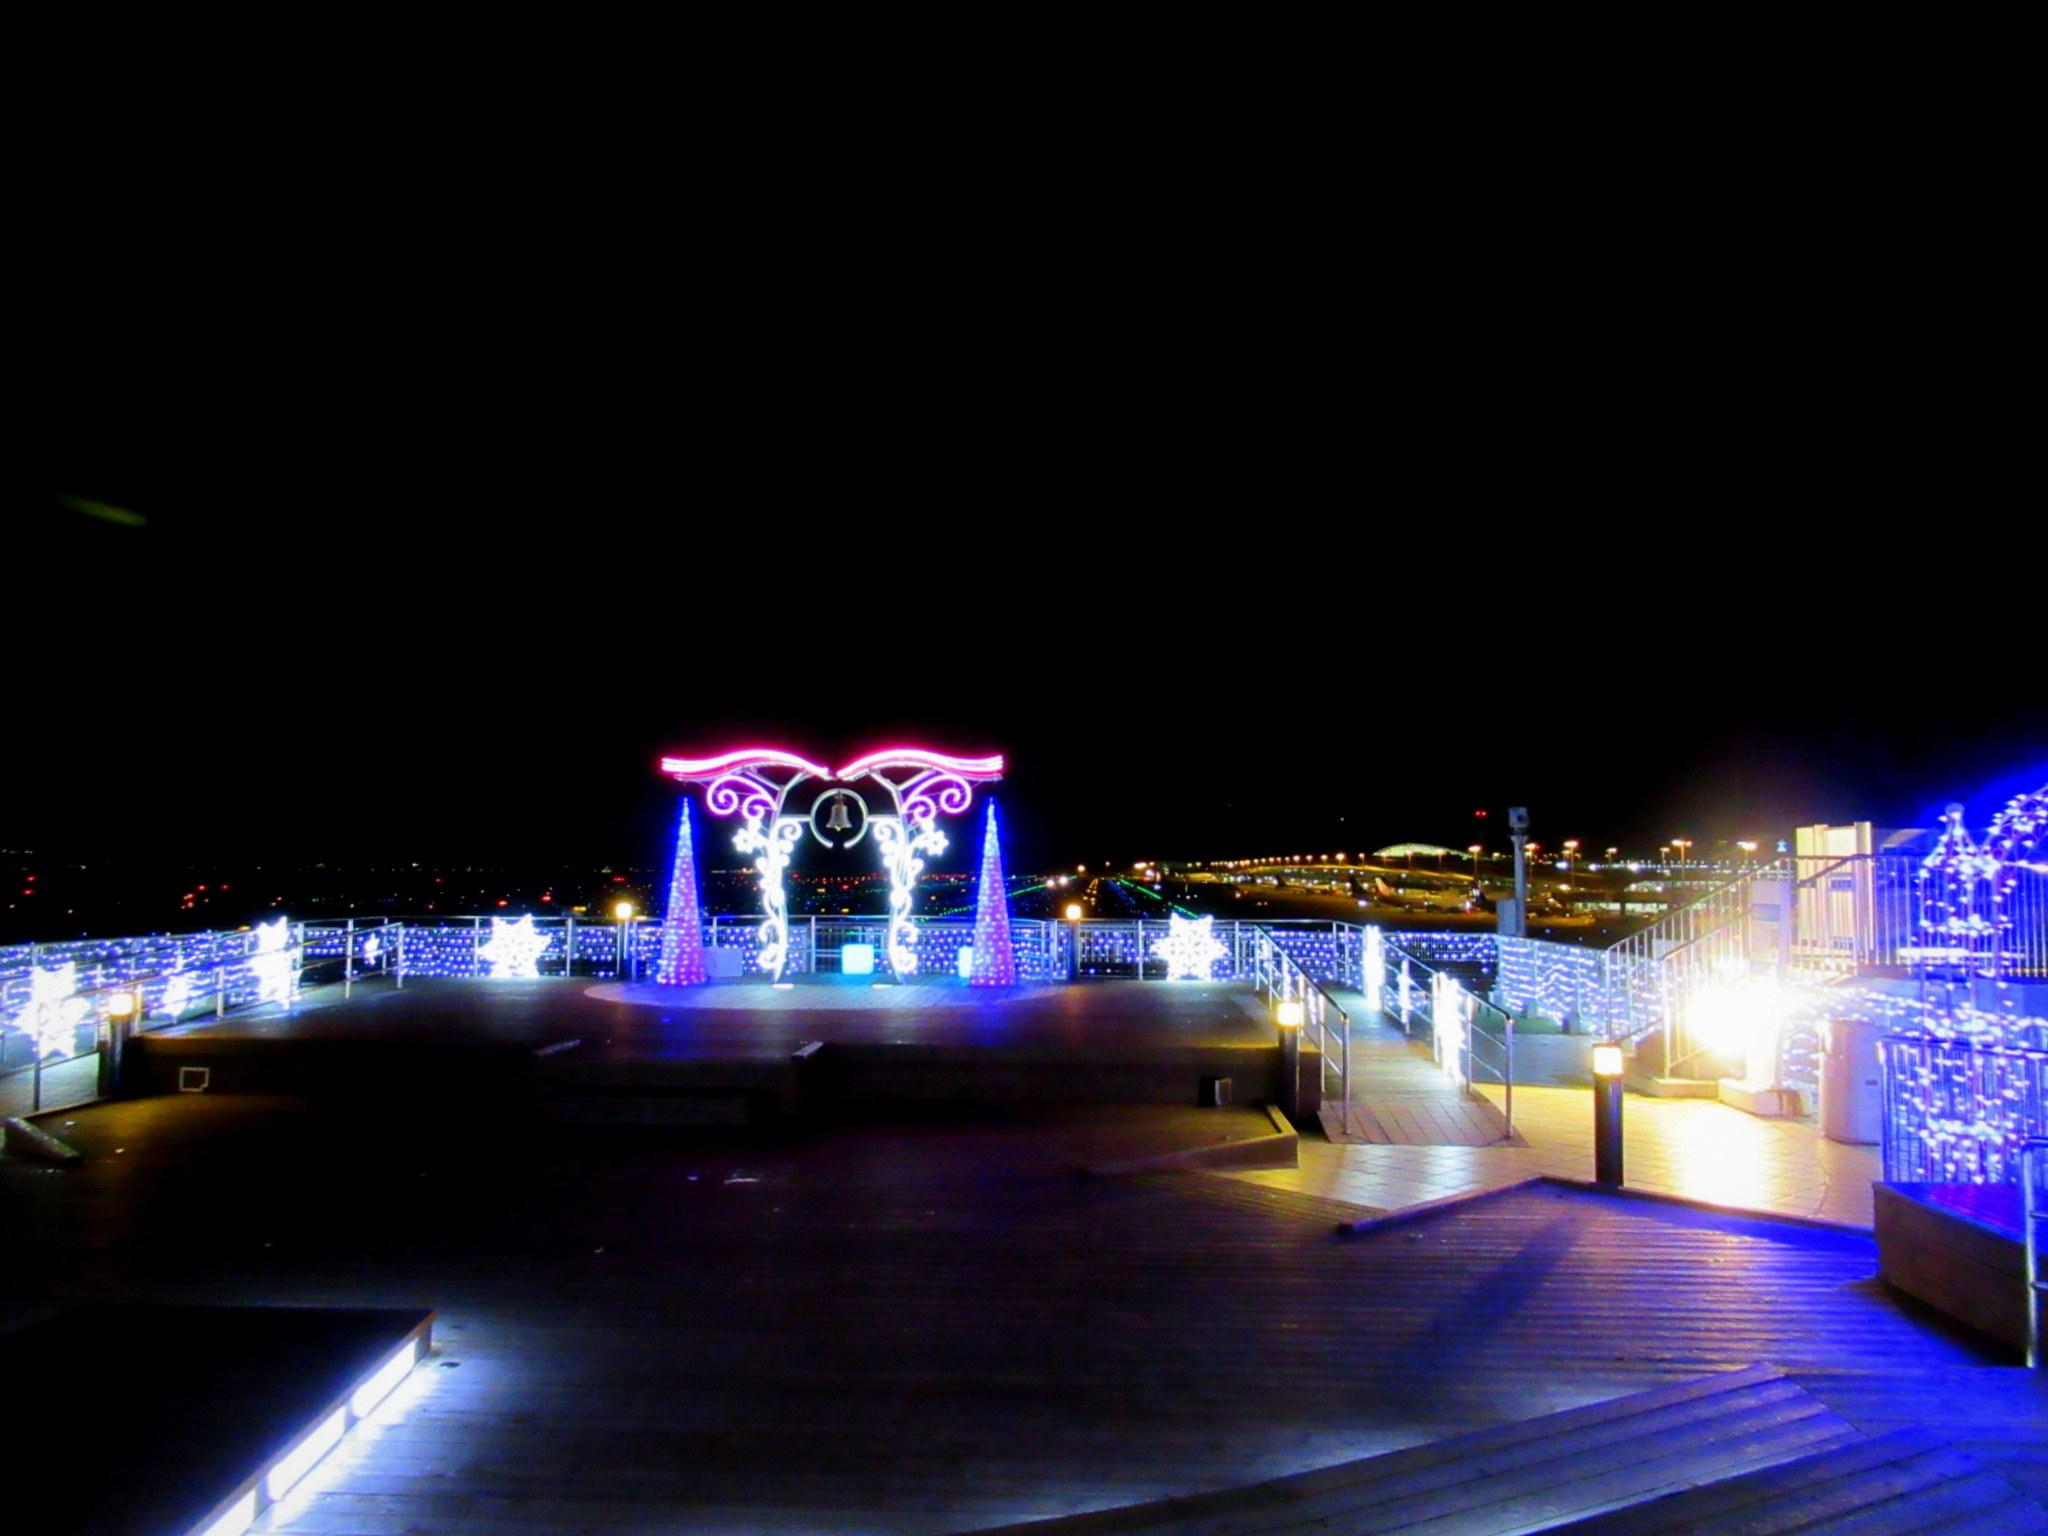 お正月・ホテル日航関西空港 * 関空のホテルで旅行気分を味わう♪_f0236260_22125820.jpg